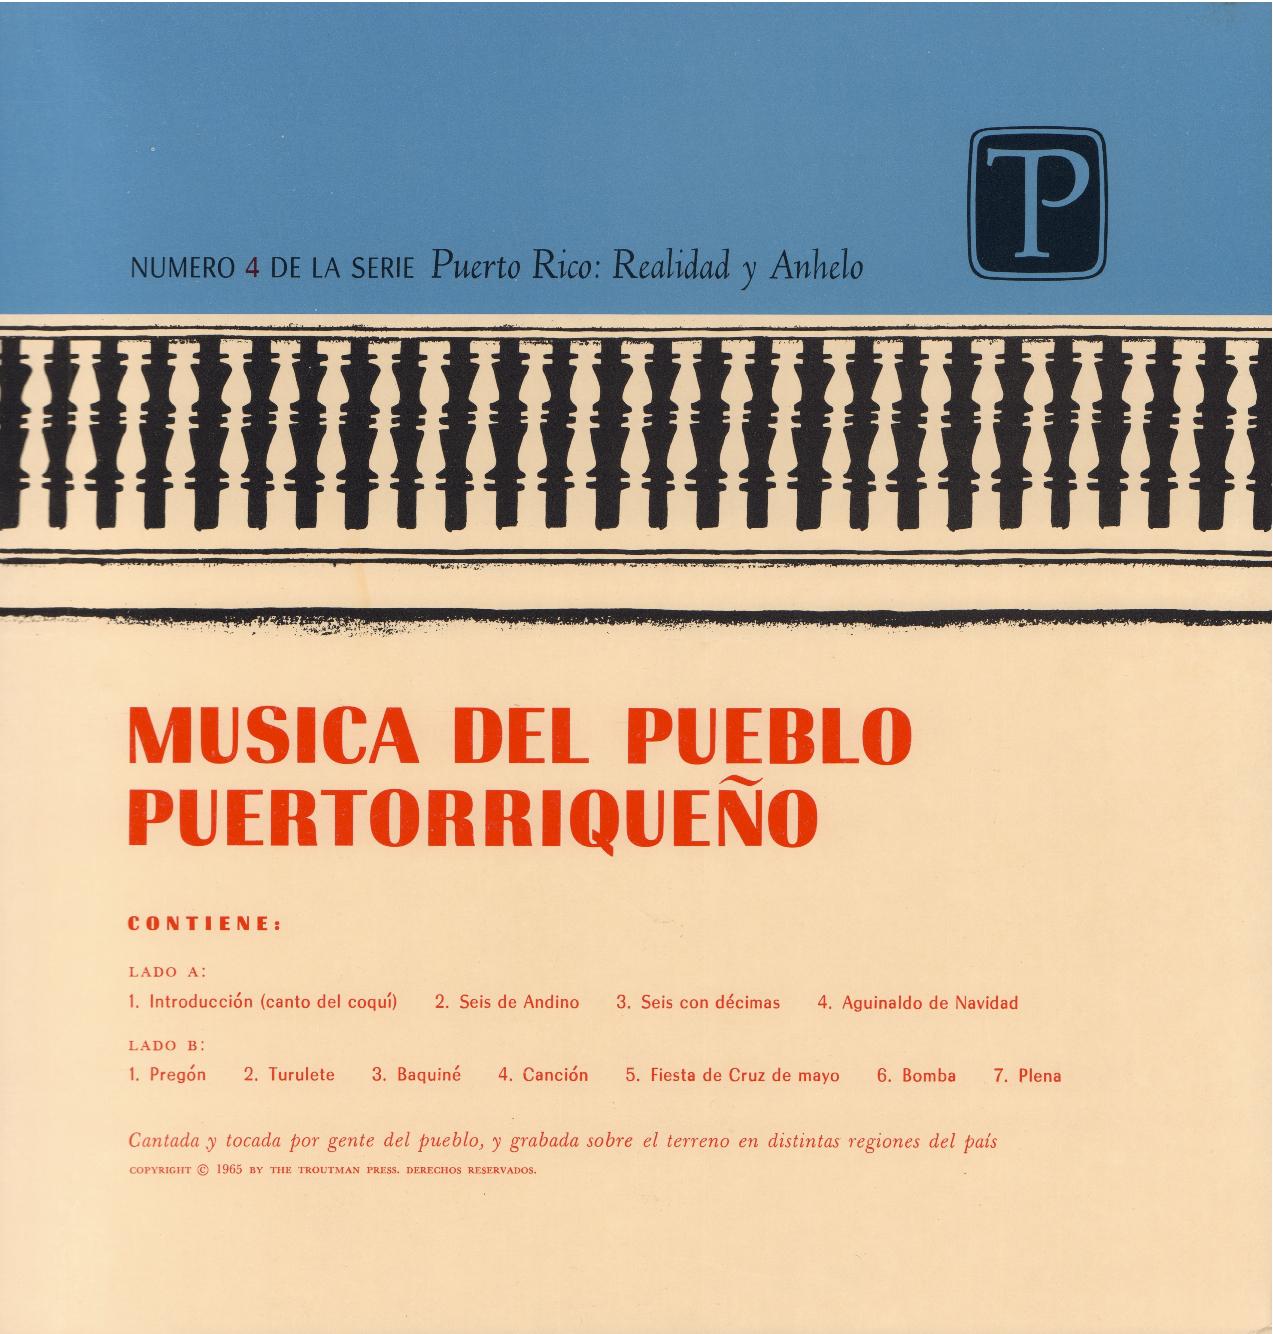 Música del Pueblo Puertorriqueño